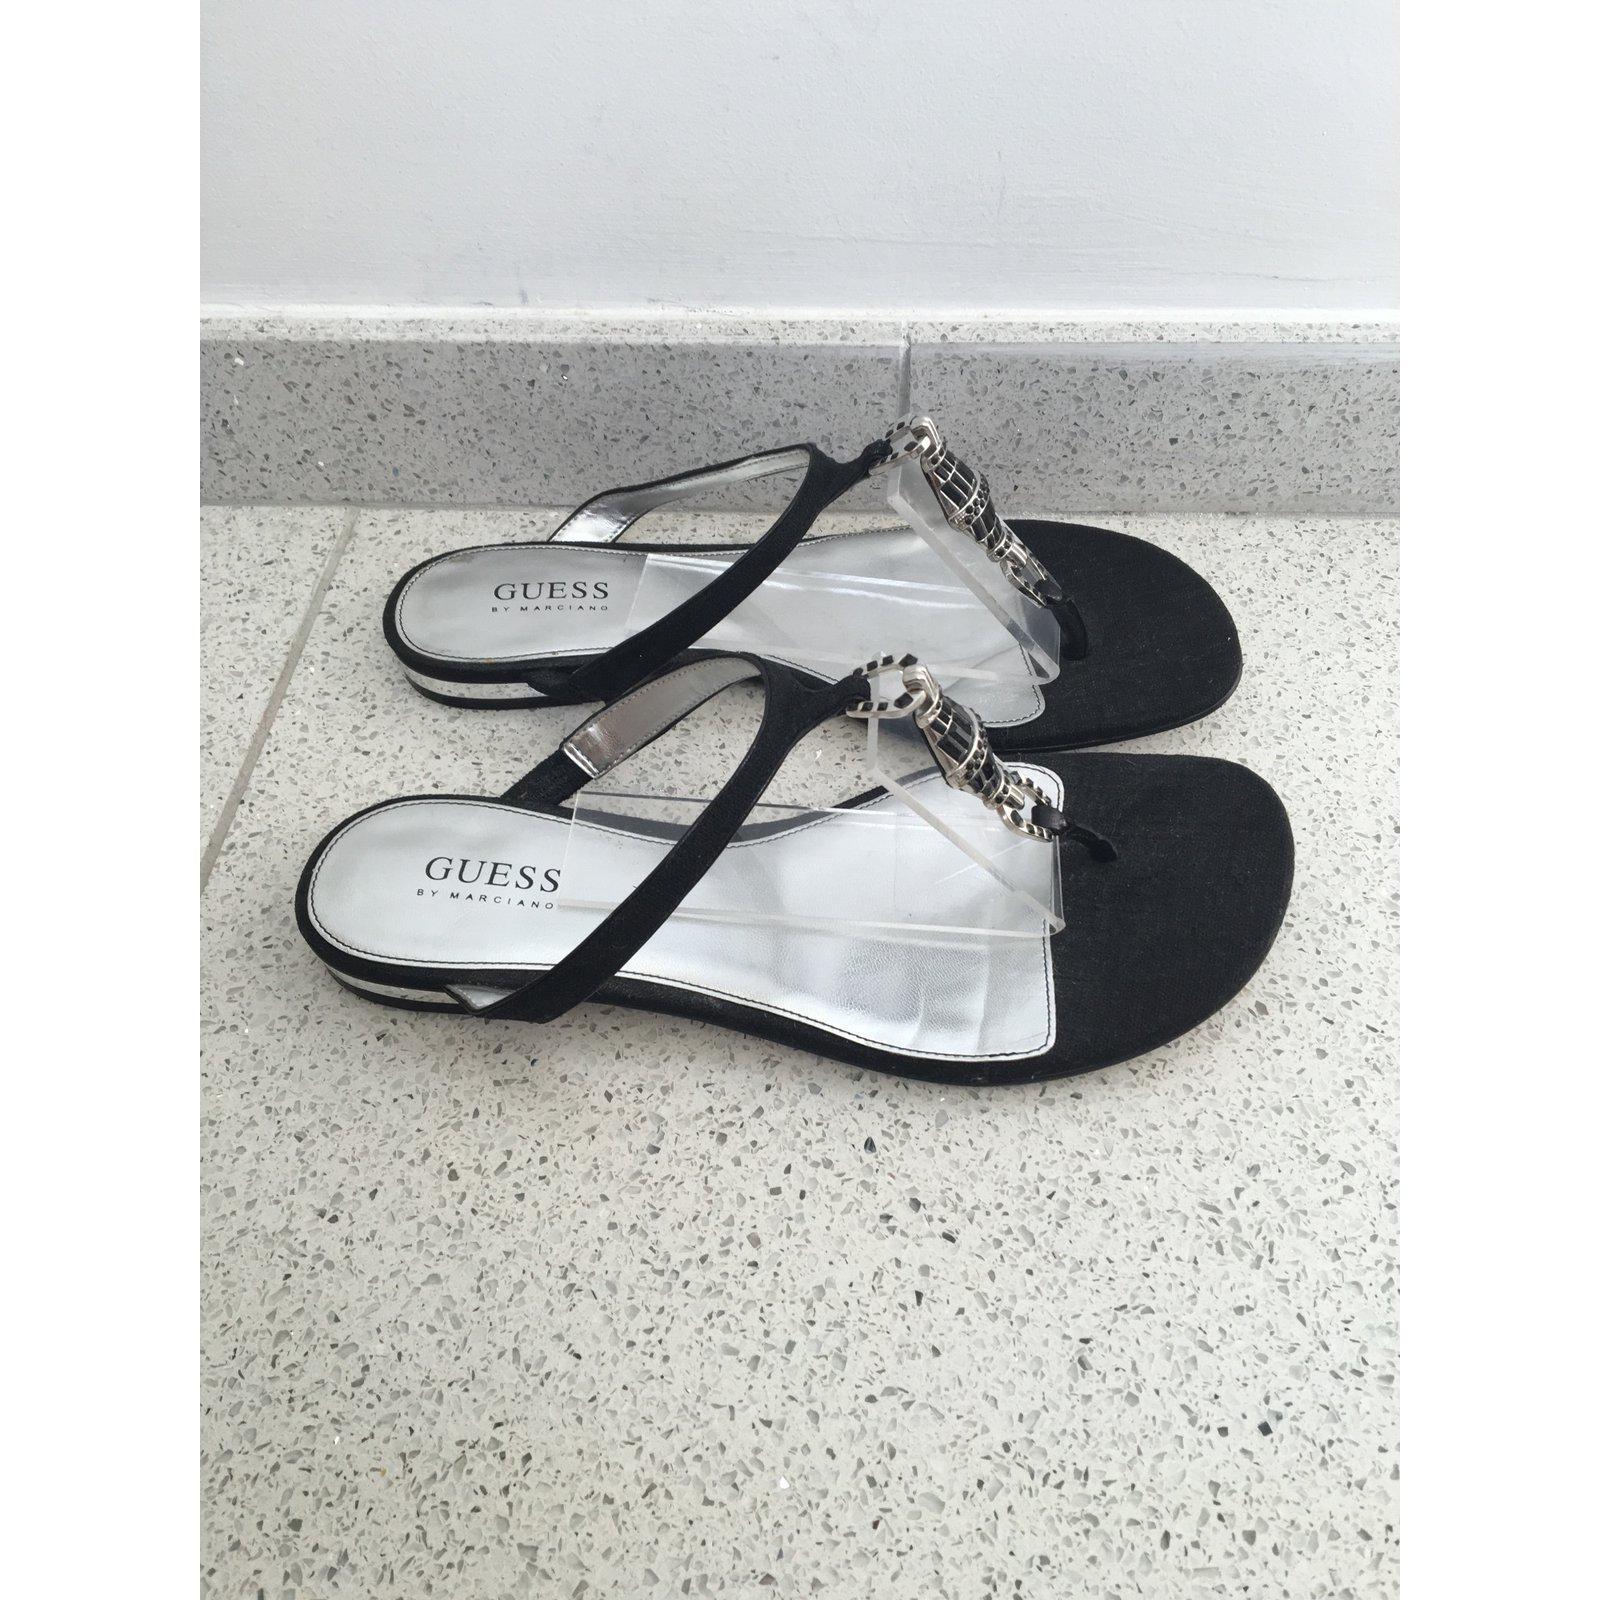 prix raisonnable Livraison gratuite dans le monde entier Couleurs variées Guess Sandale Tong Guess Tong Sandale Sandale Sandale Tong ...